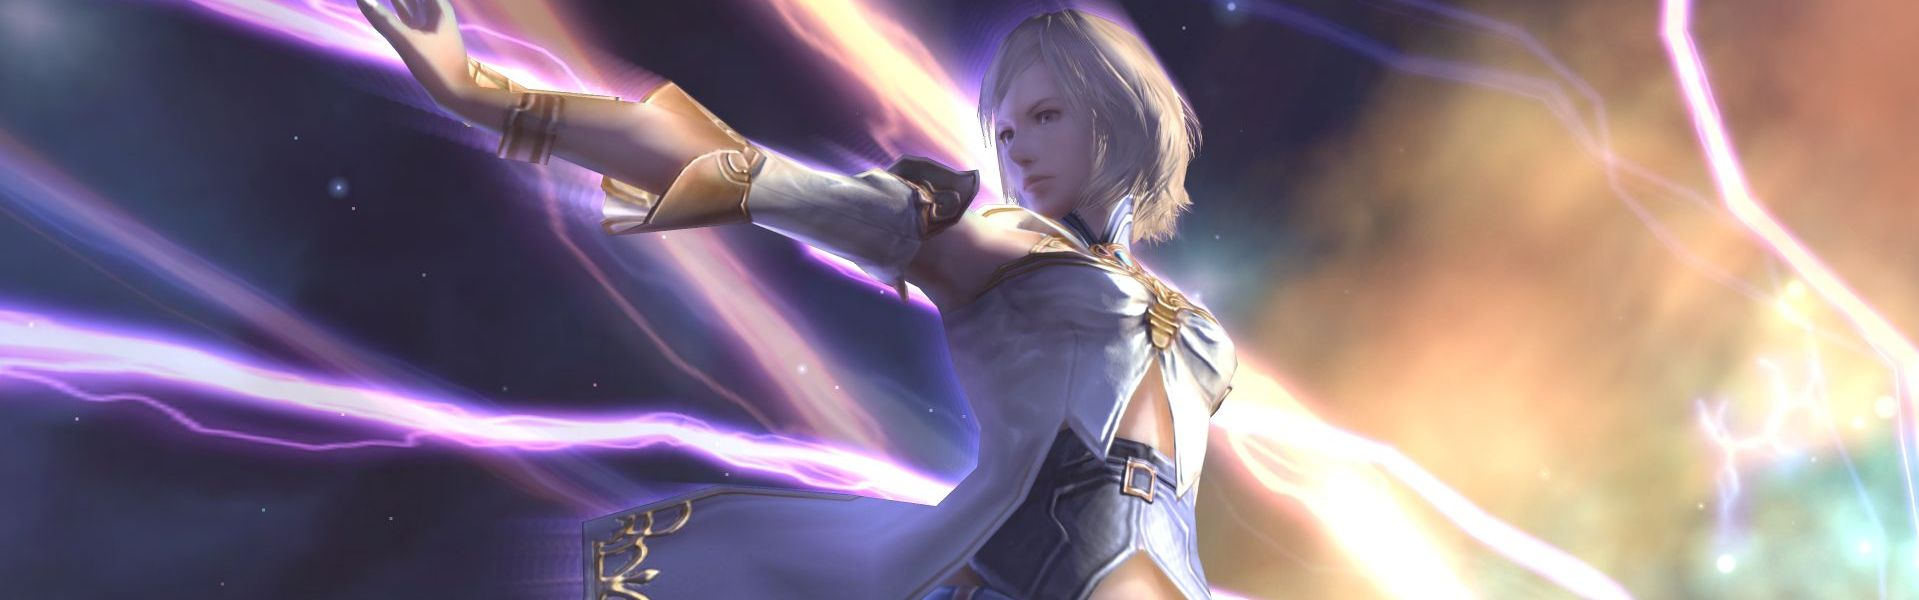 Final Fantasy XII The Zodiac Age (Xbox One) Xbox Live Key GLOBAL